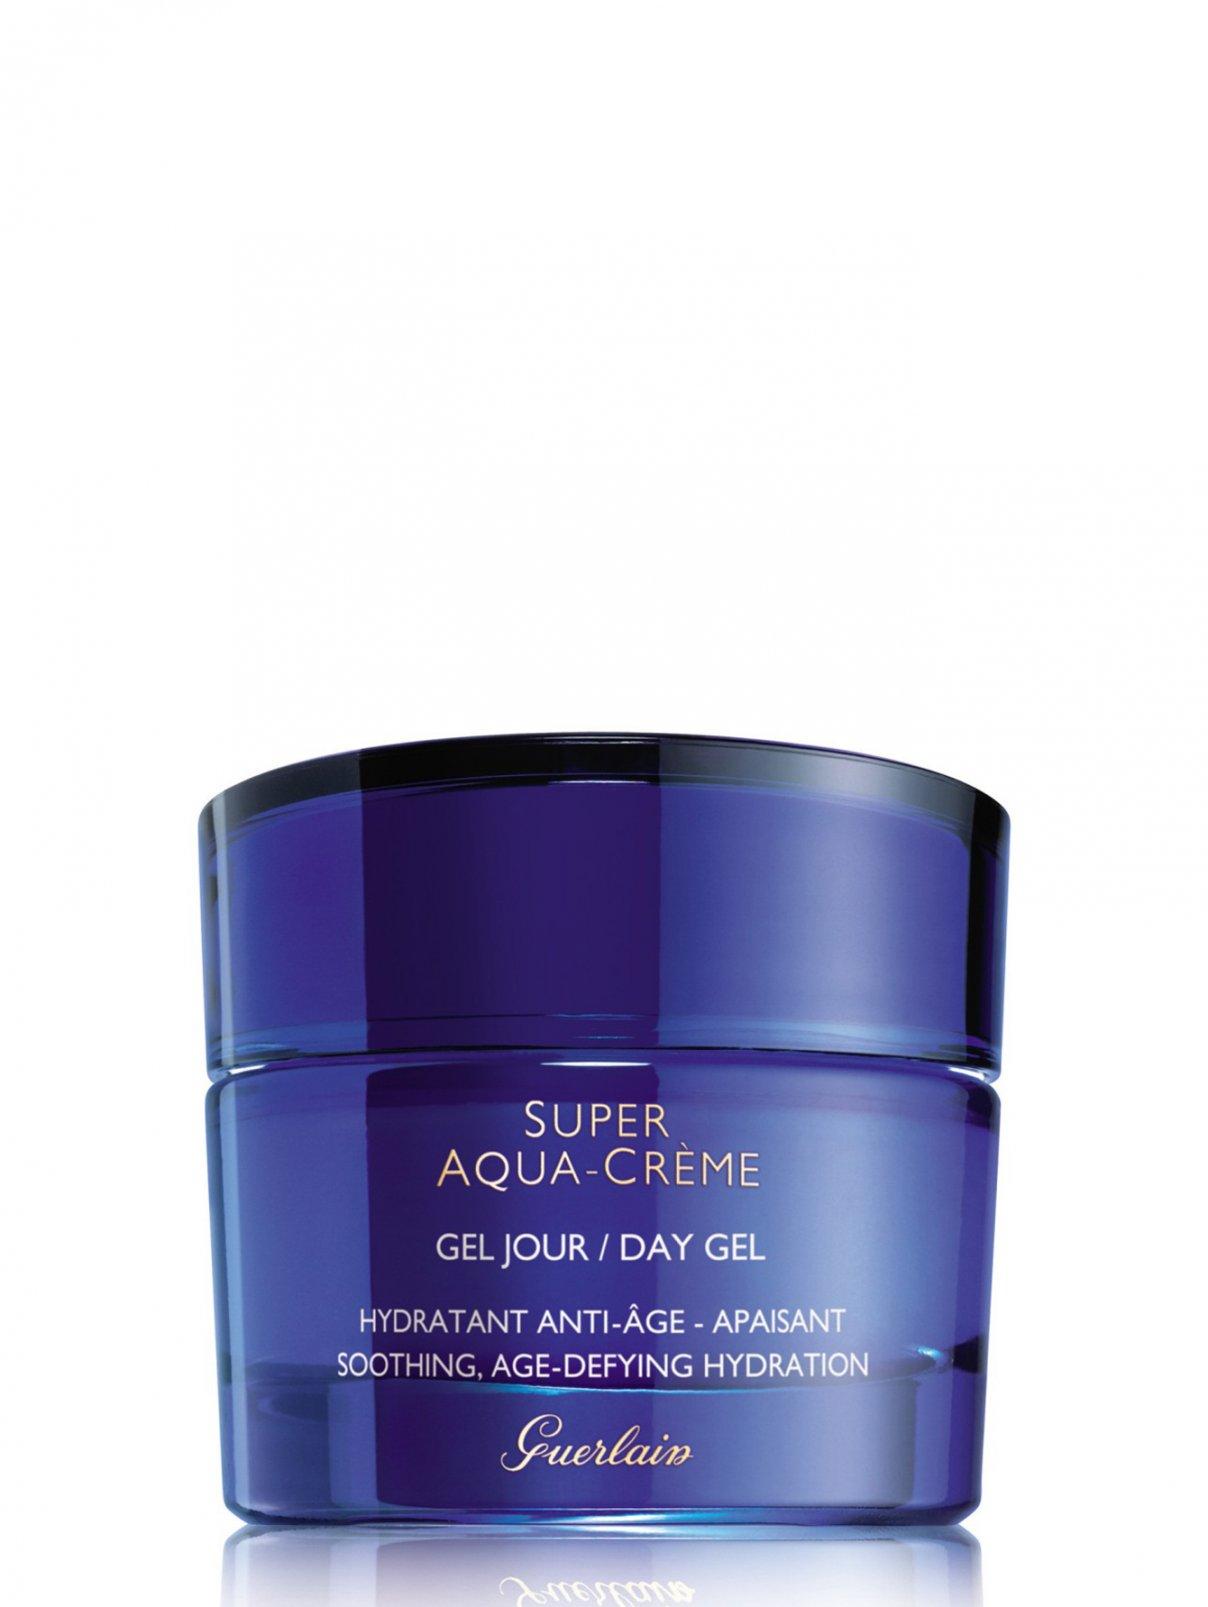 Увлажняющий крем с облегчённой текстурой SuperAqua, 50 мл Guerlain  –  Общий вид